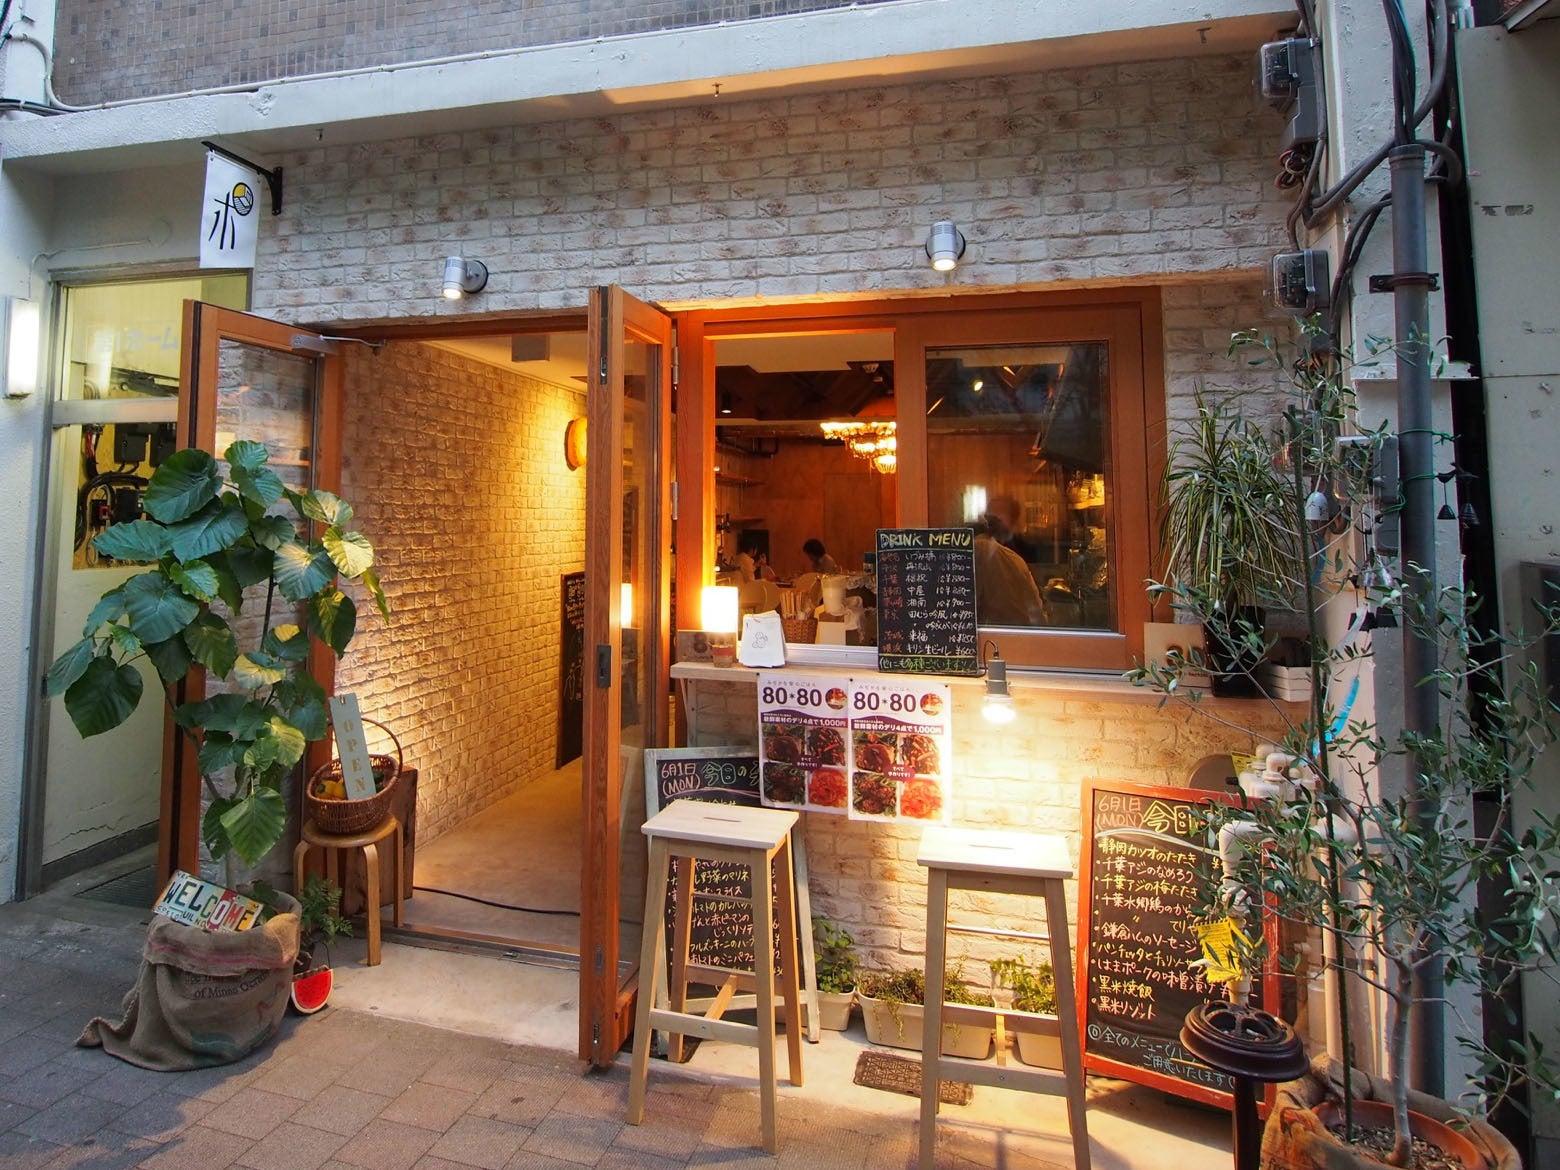 関内桜通りの路面にあるシェアカフェ・多目的レンタルスペース「泰生ポーチ フロント」